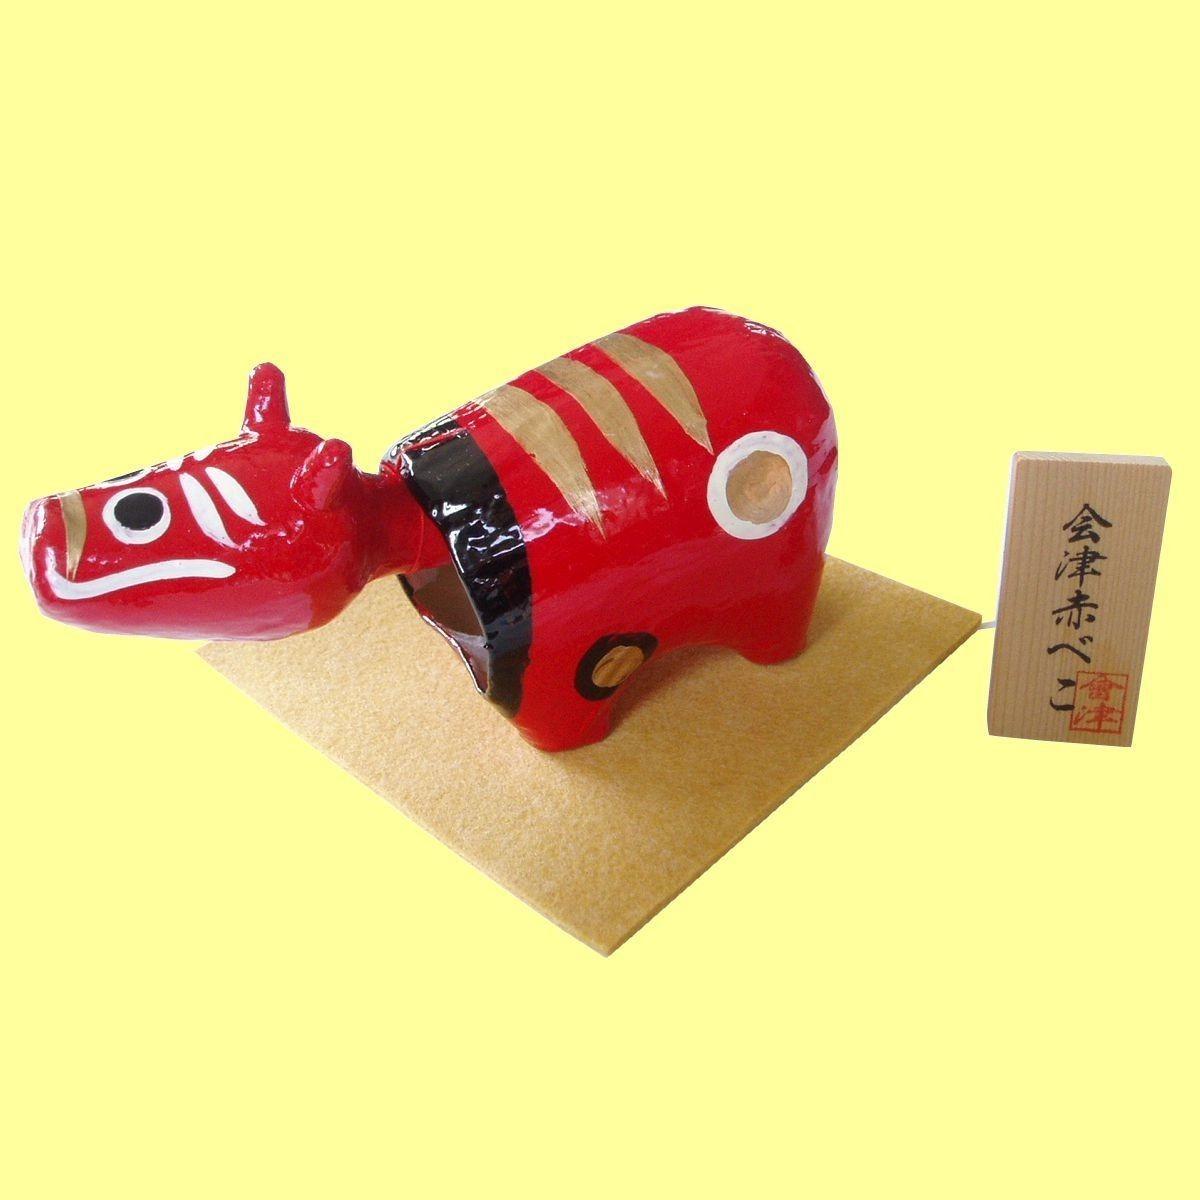 会津赤べこ(小型)